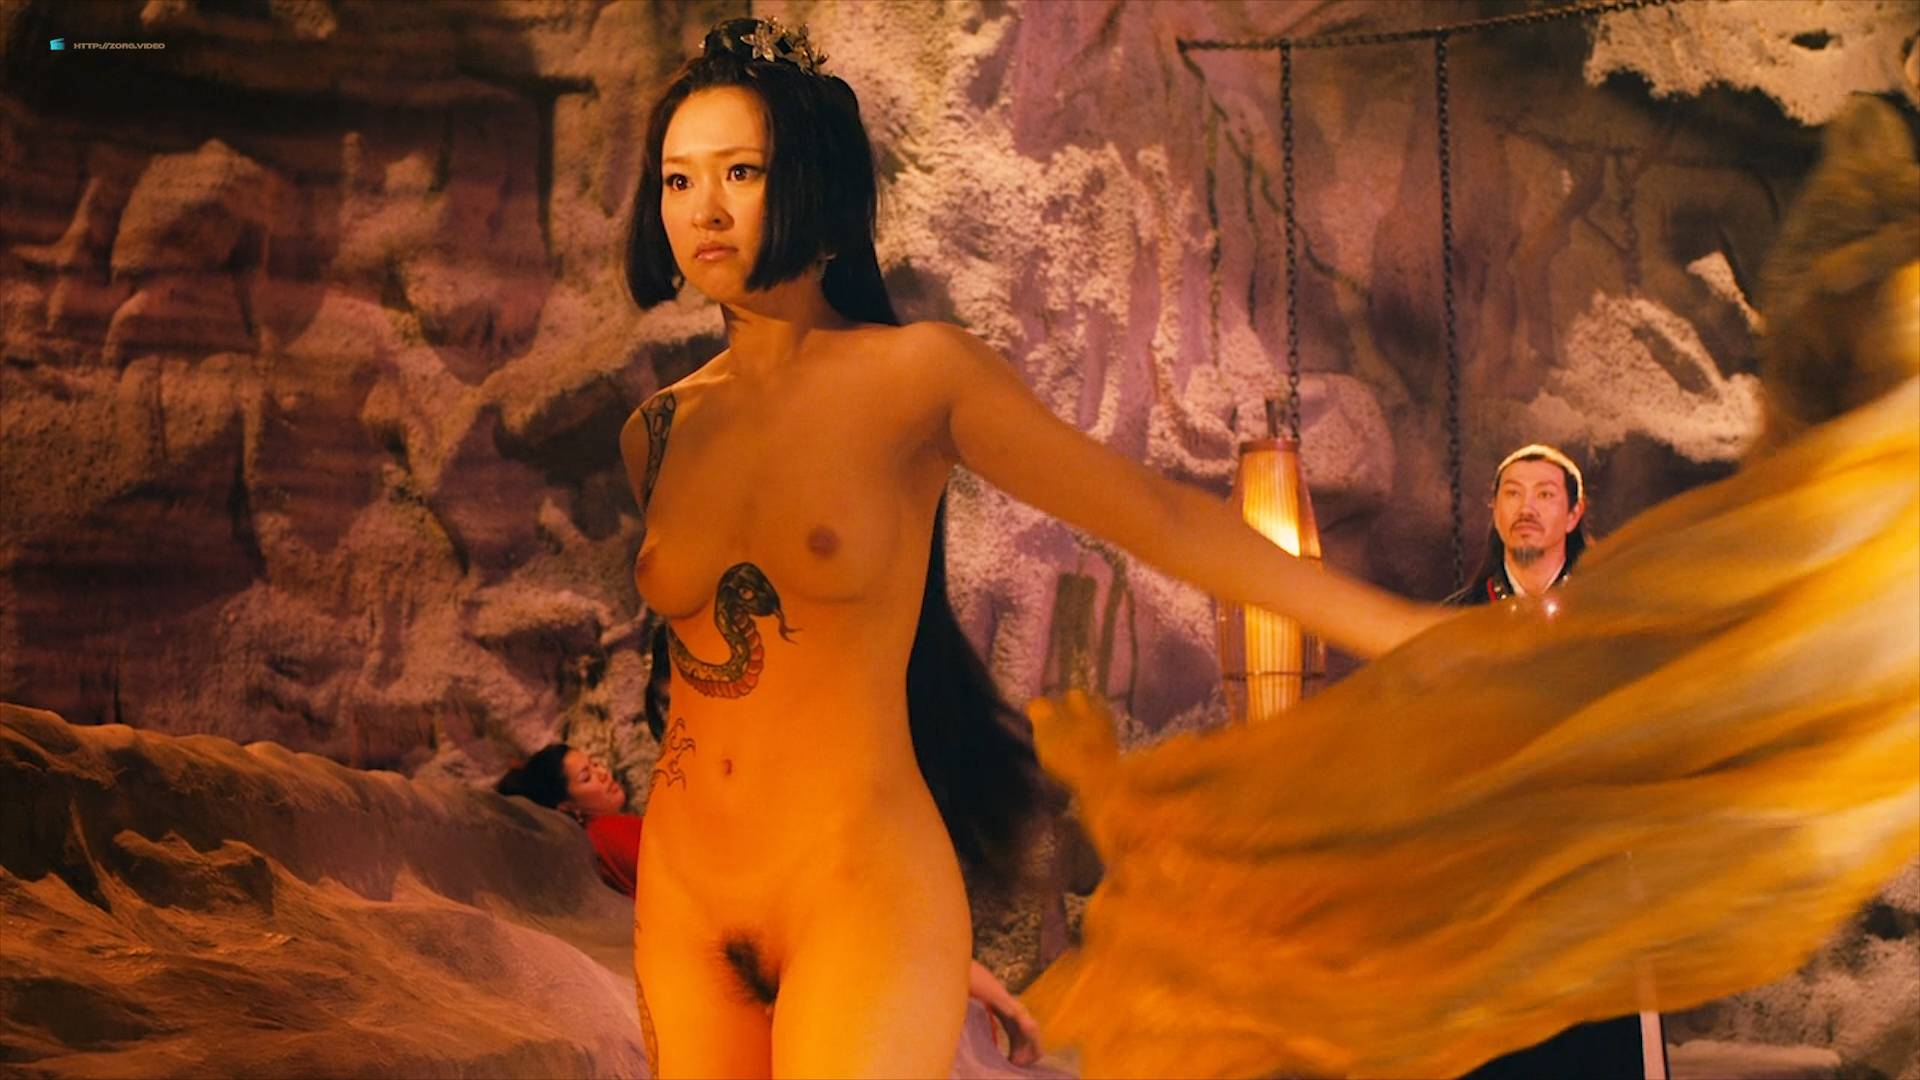 Yukiko Suo Nude Sex Leni Lan, Saori Hara, And Others Nude -2887